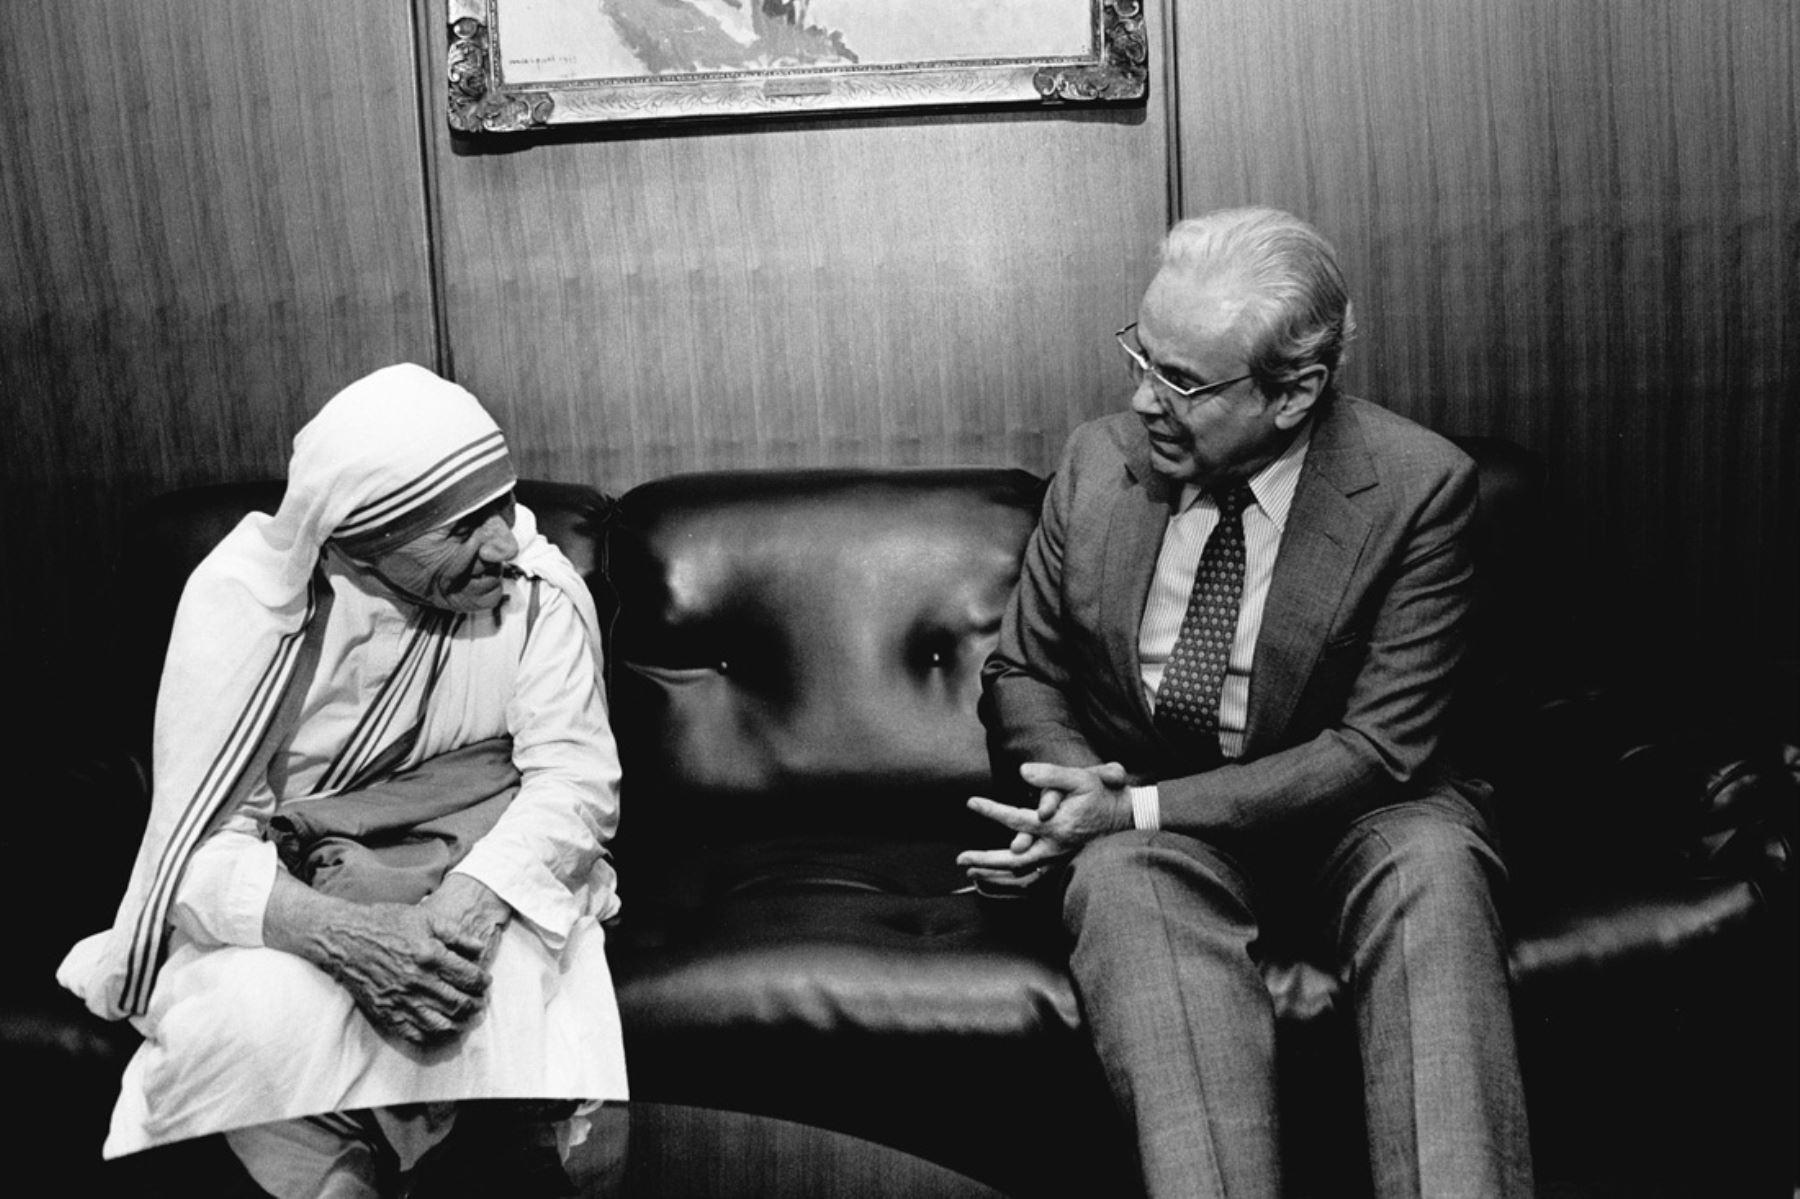 Naciones Unidas, Nueva York - 26 octubre1985 / Javier Pérez de Cuéllar, secretario general de las Naciones Unidas, se reúne con la Madre Teresa de Calcuta, de la Orden de las Misioneras de la Caridad. Foto: Naciones Unidas